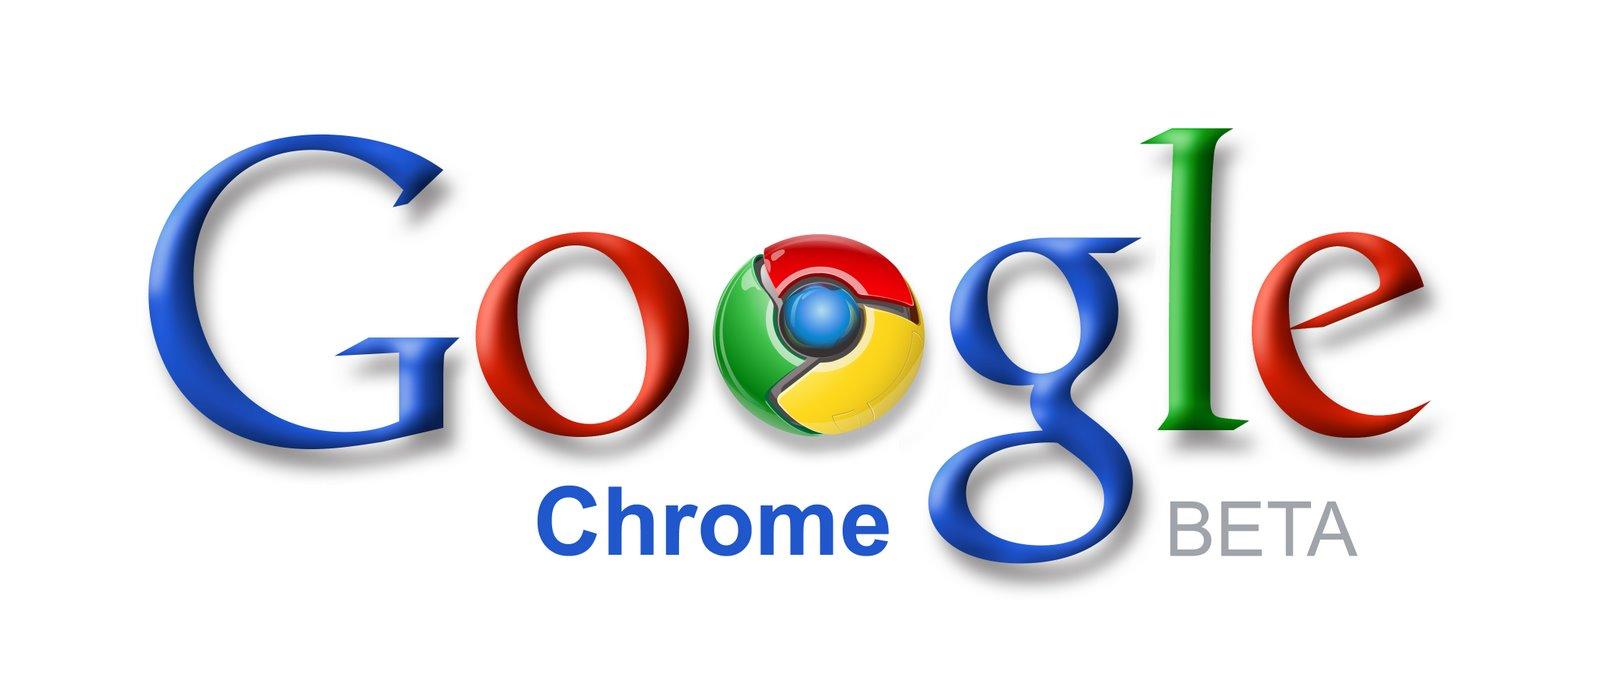 Futura atualização do Google Chrome avisará qual aba está tocando música